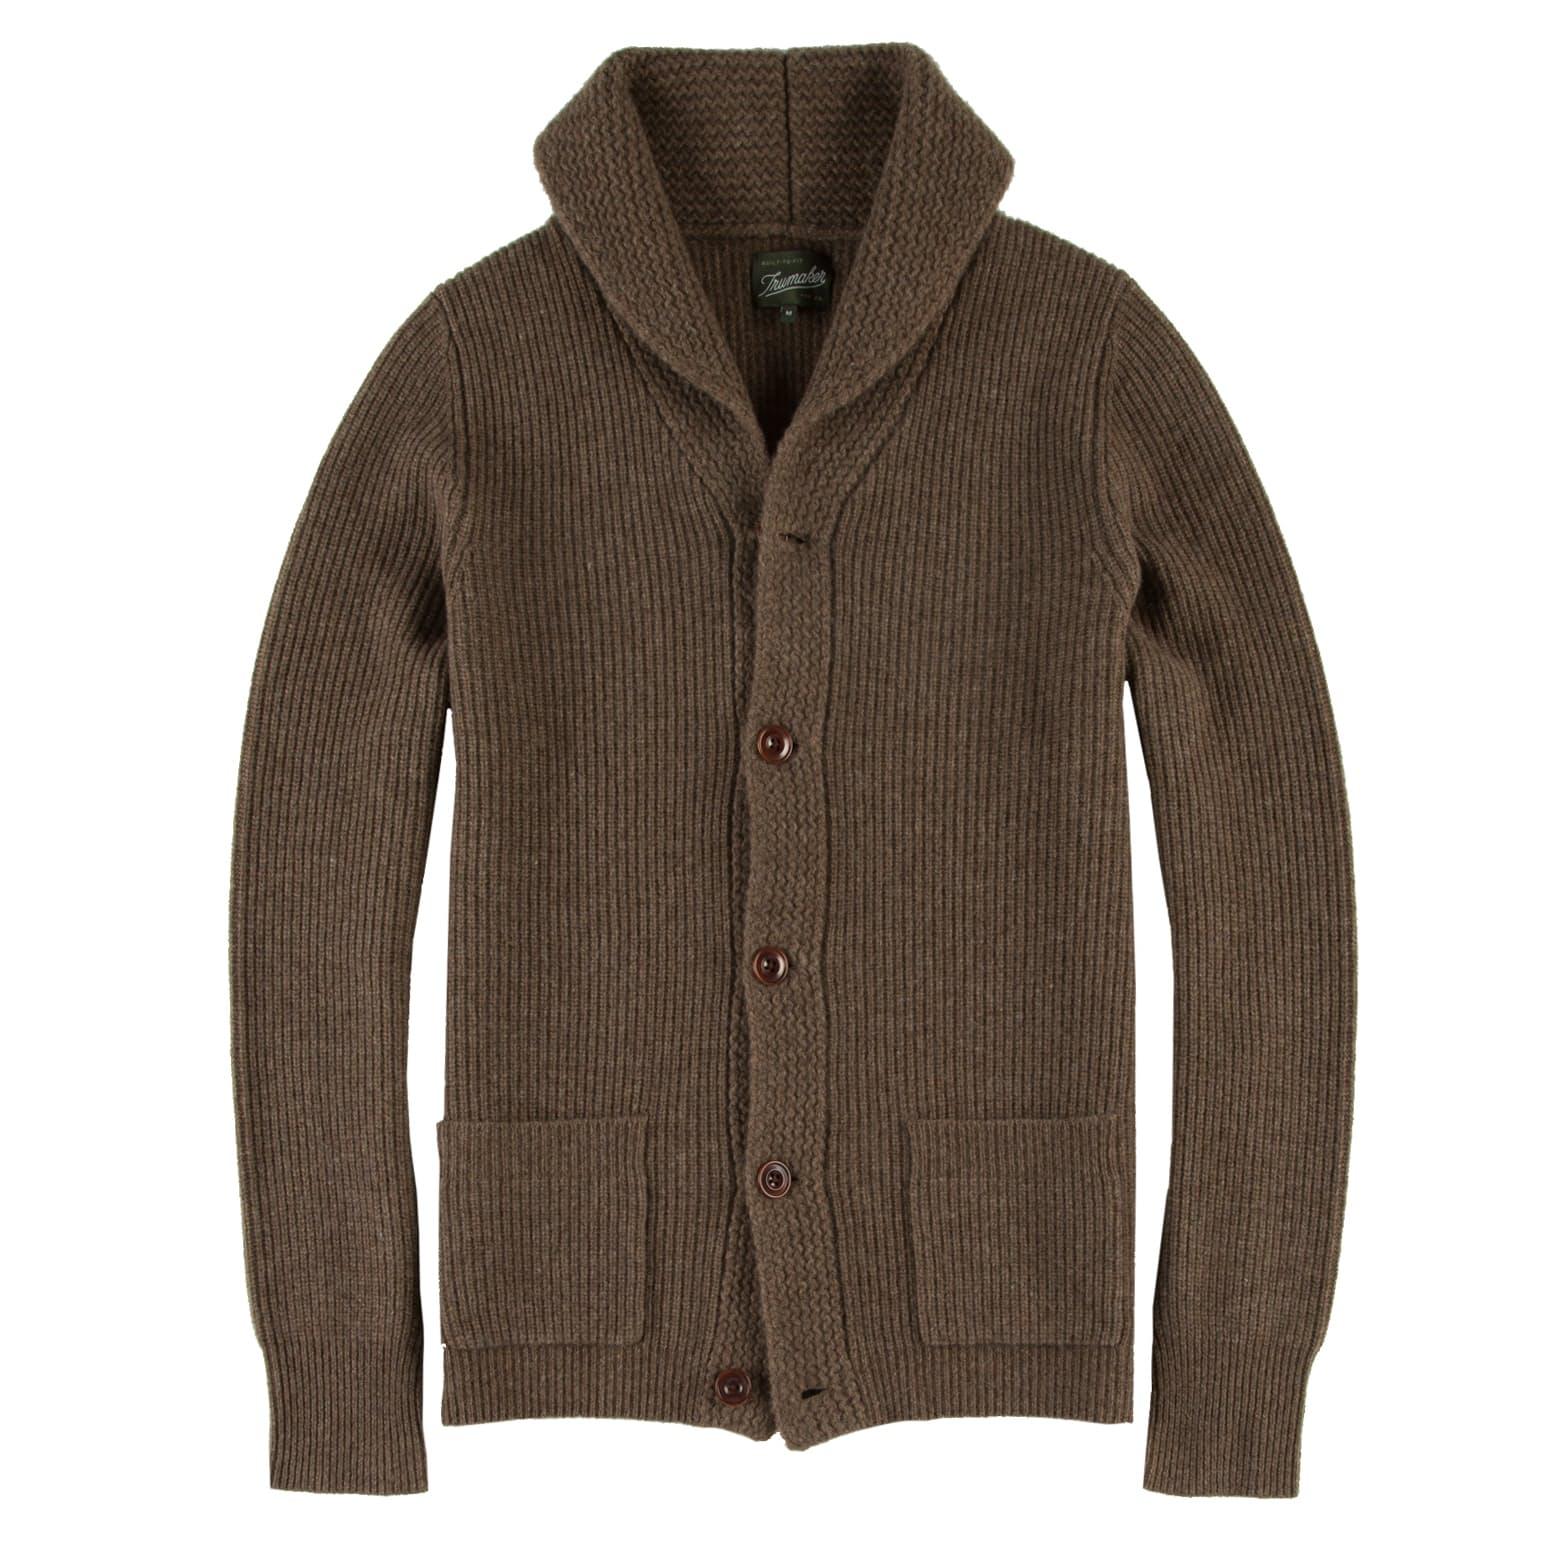 Q8hexql5lh trumaker santiago shawl collar cardigan 0 original